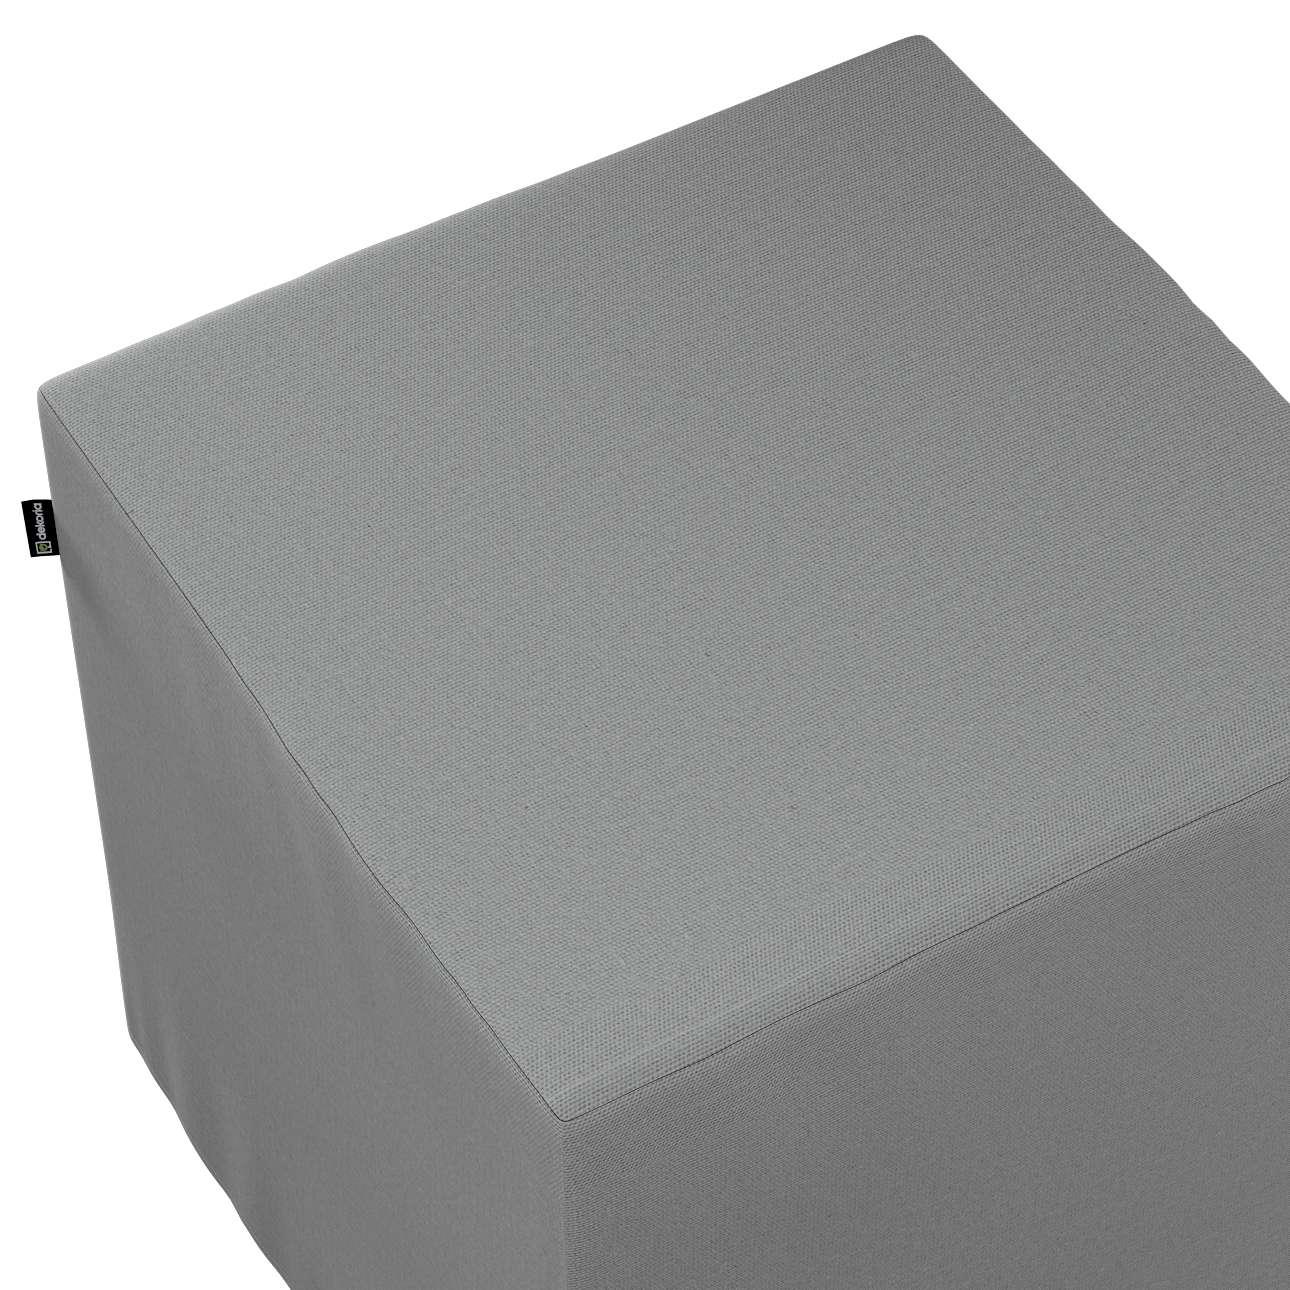 Pokrowiec na pufę kostkę w kolekcji Loneta, tkanina: 133-24